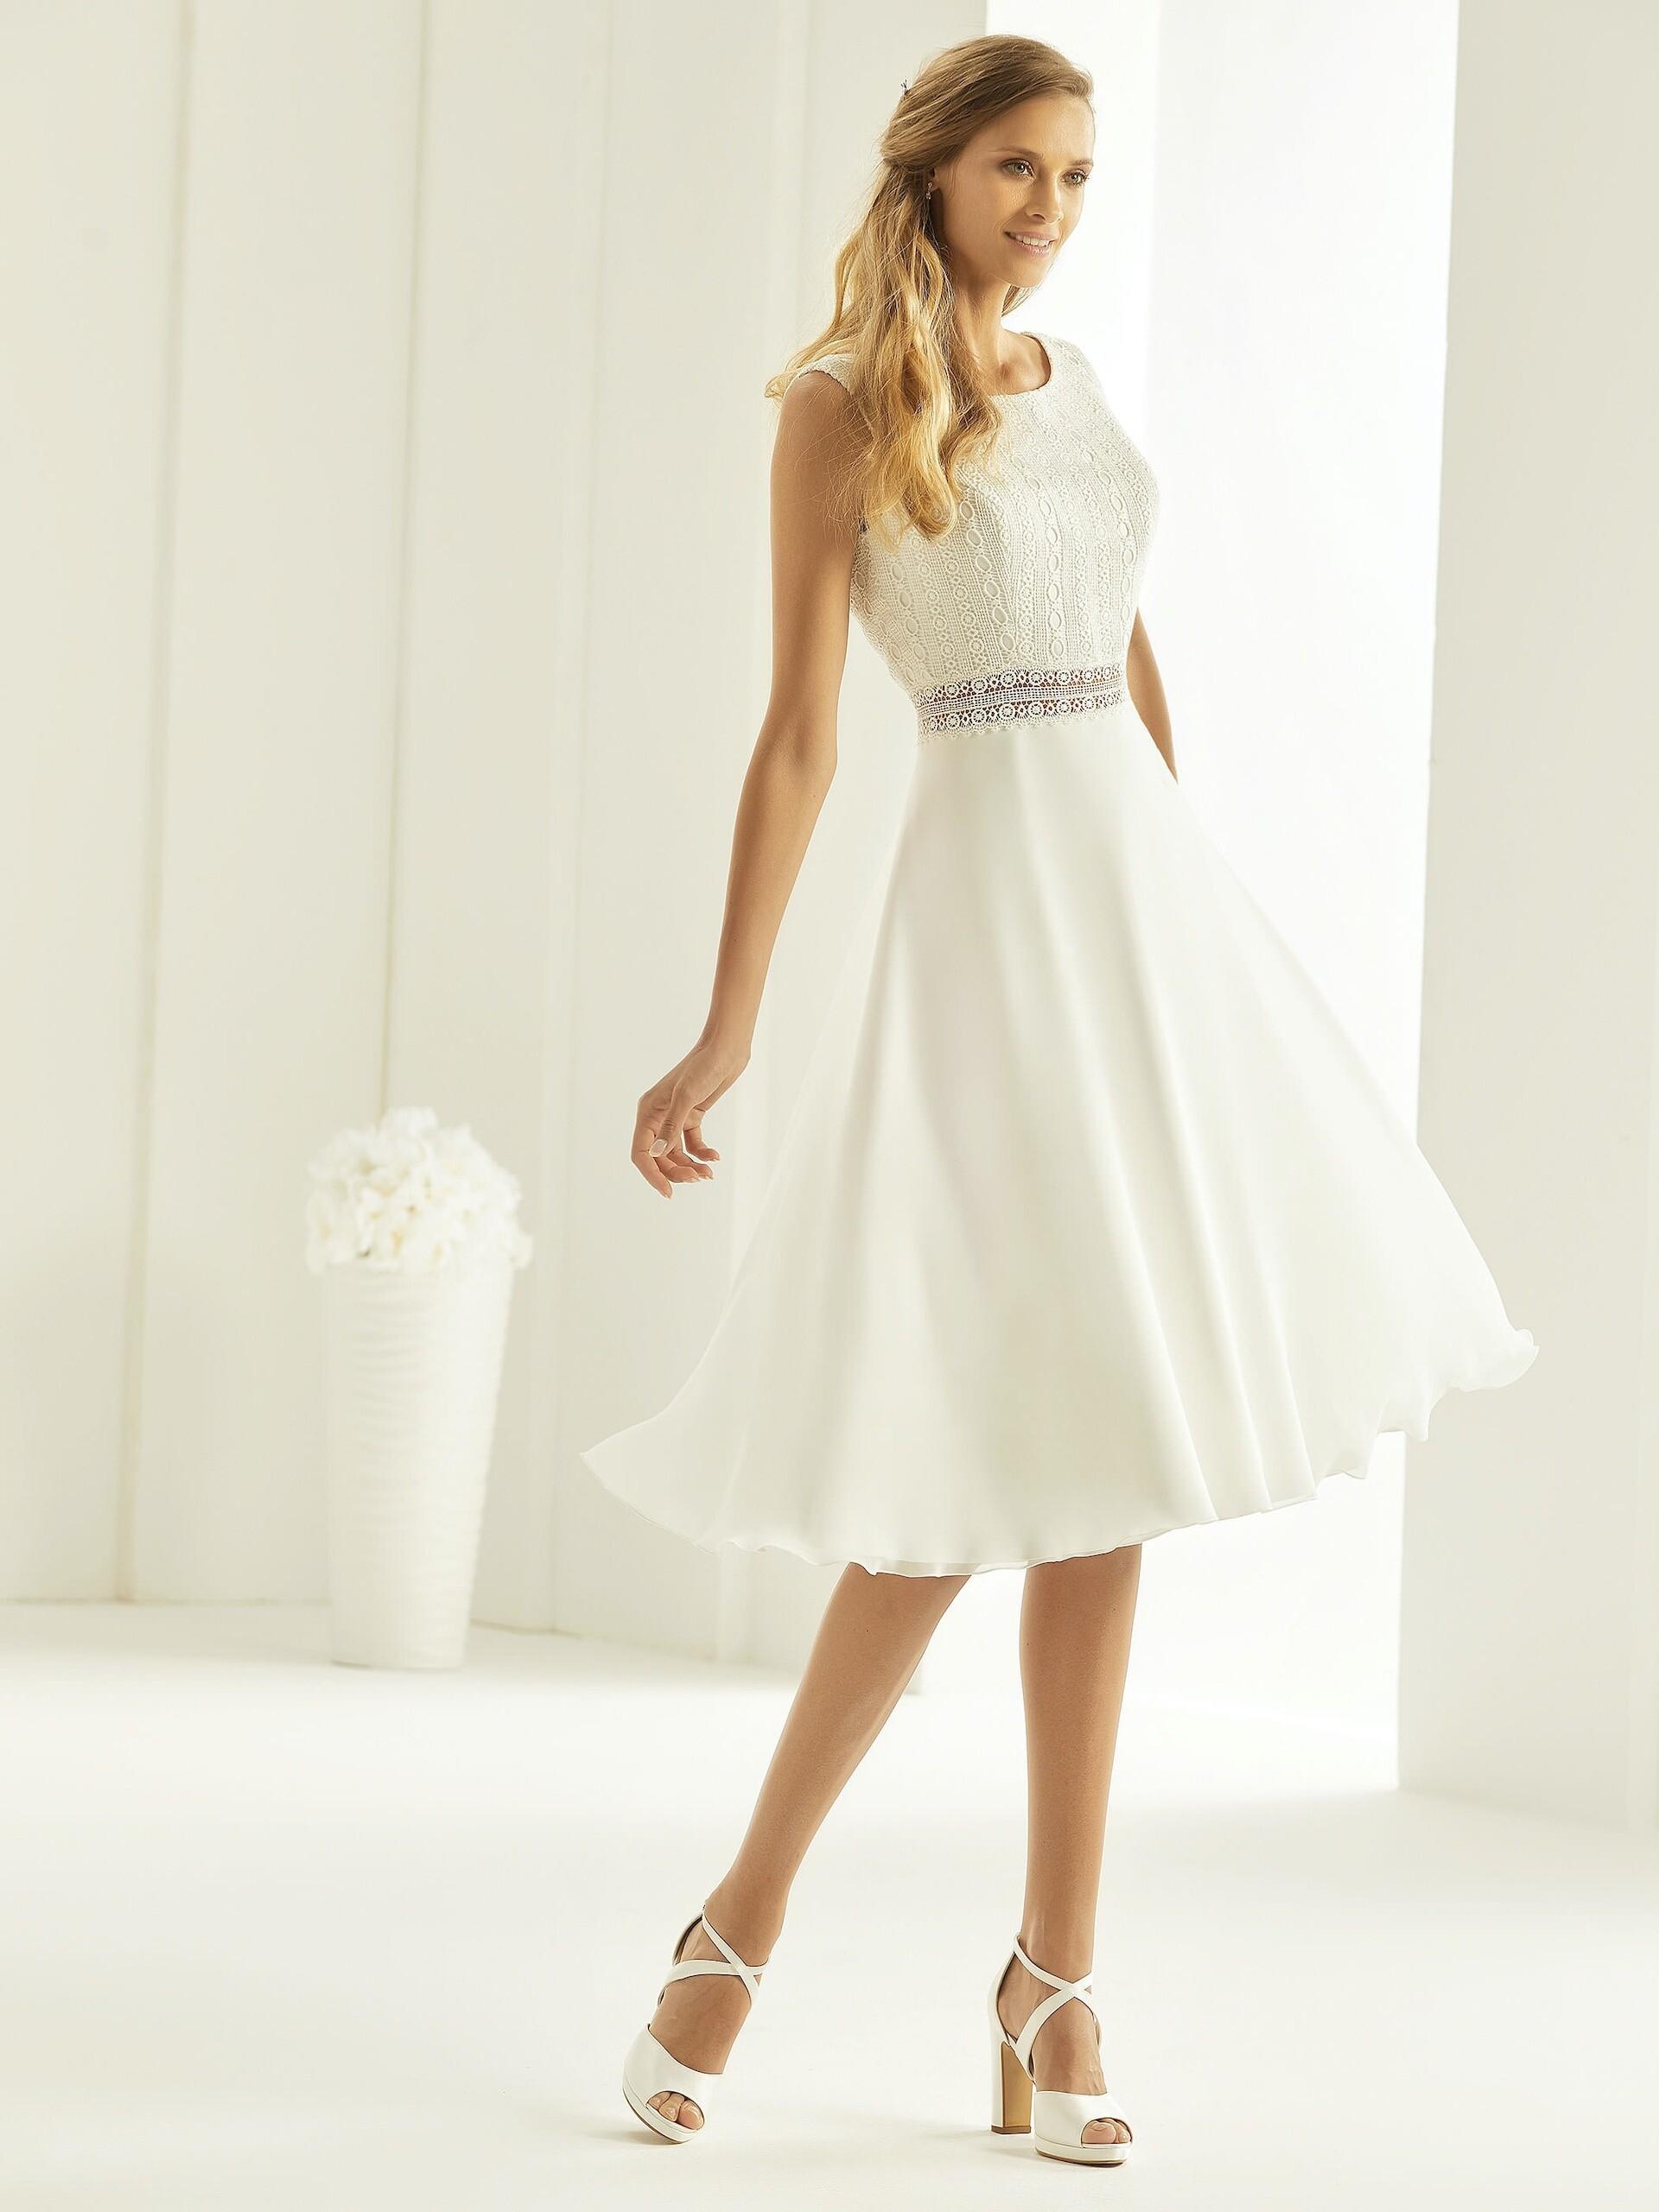 Kurzes Hochzeitskleid mit Spitzentop und Taillen-Cut-out von Bianco Evento, Modell Florida